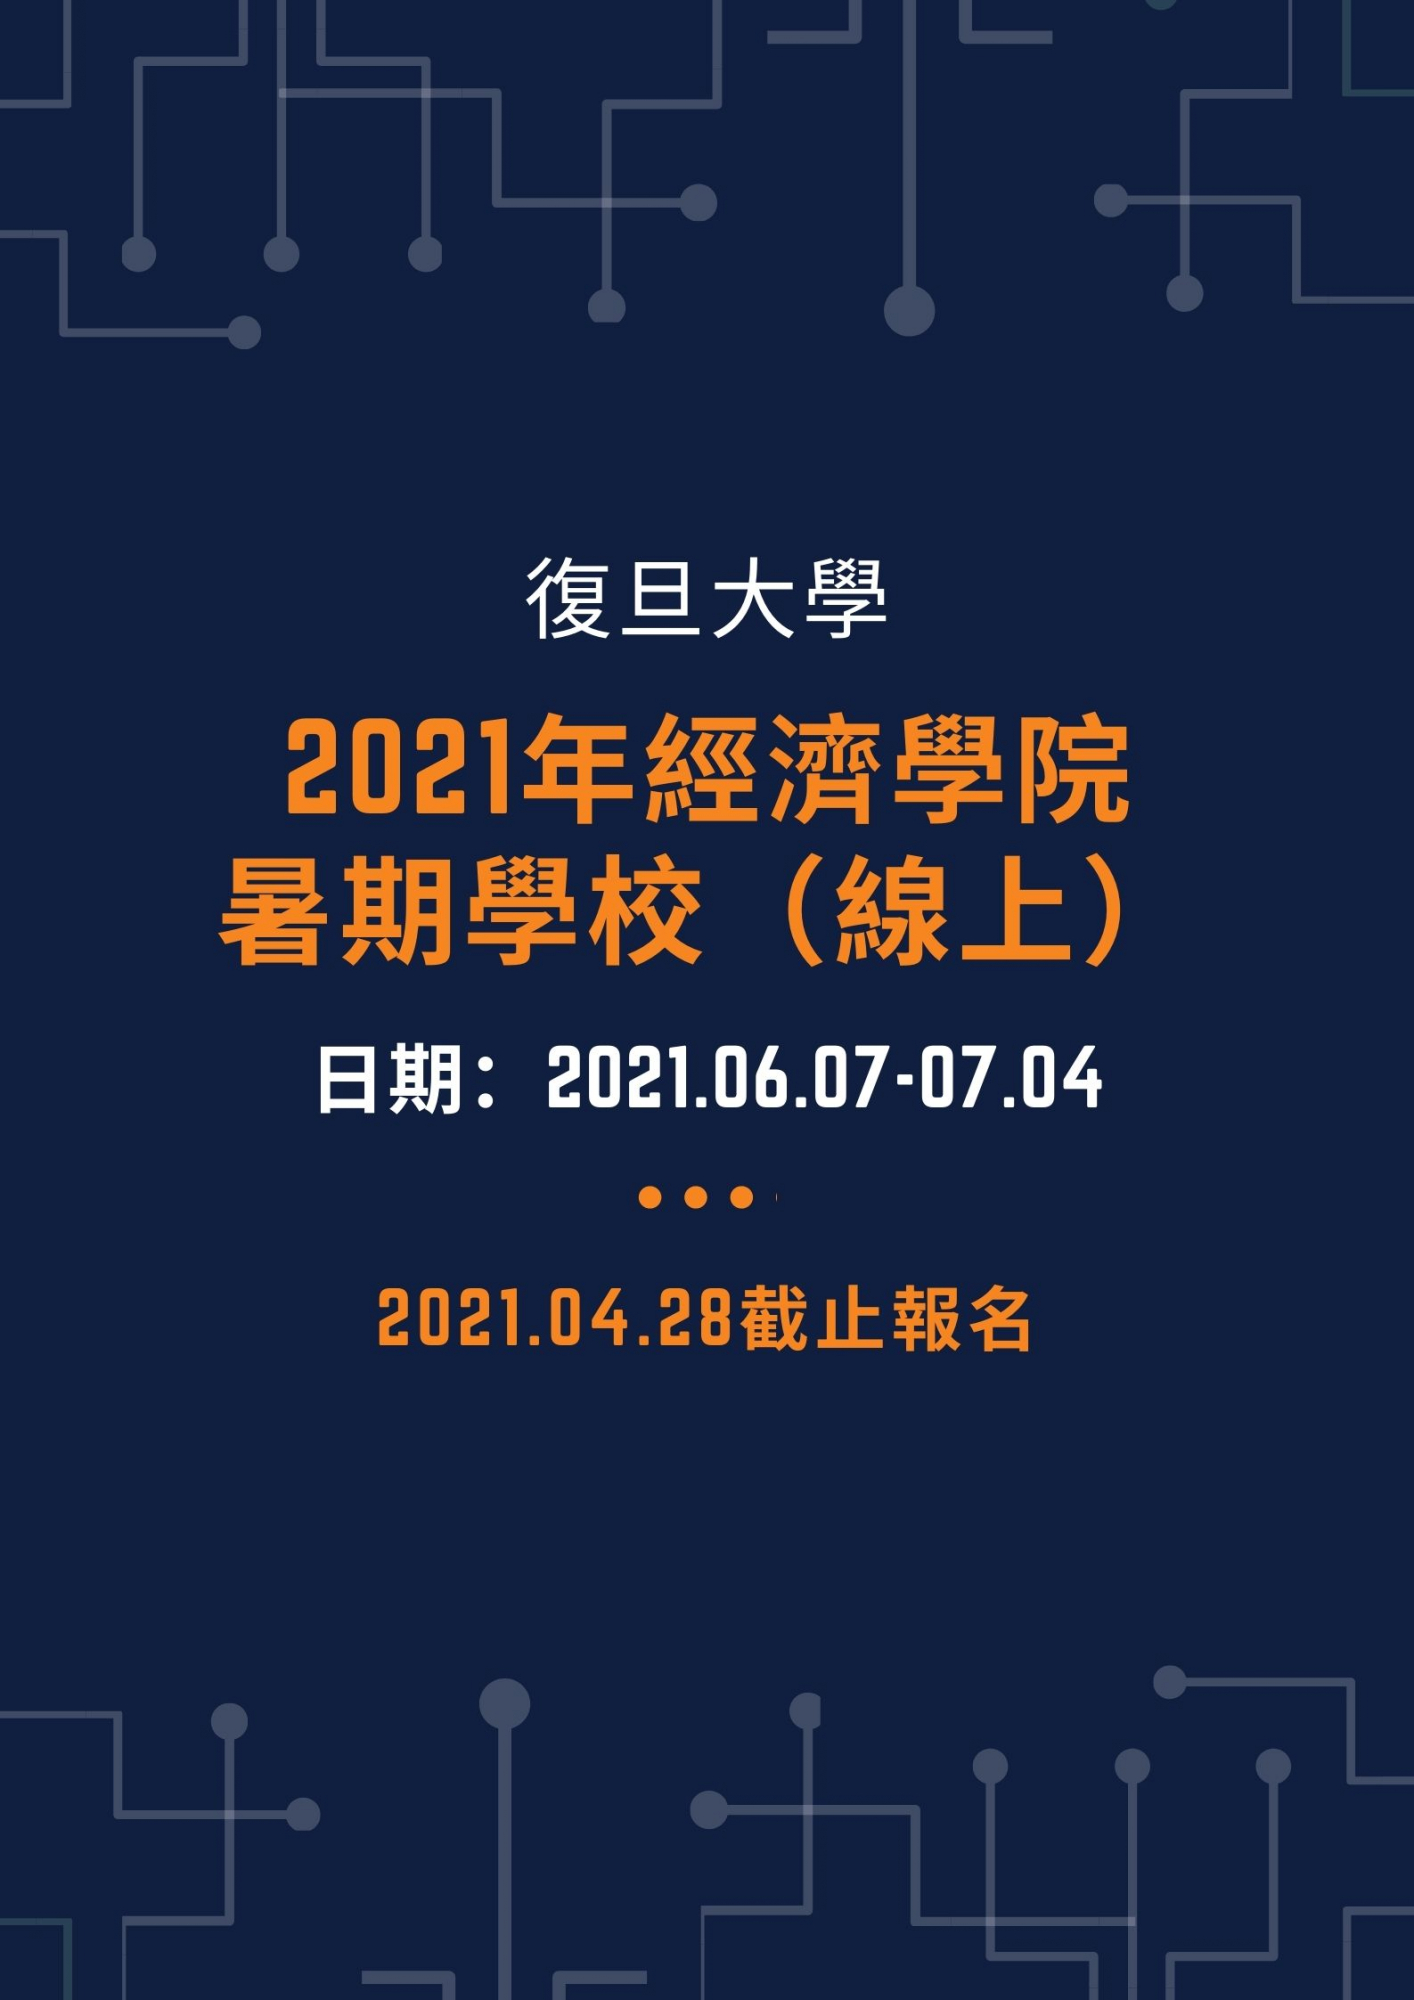 復旦大學2021年經濟學院暑期學校(線上)